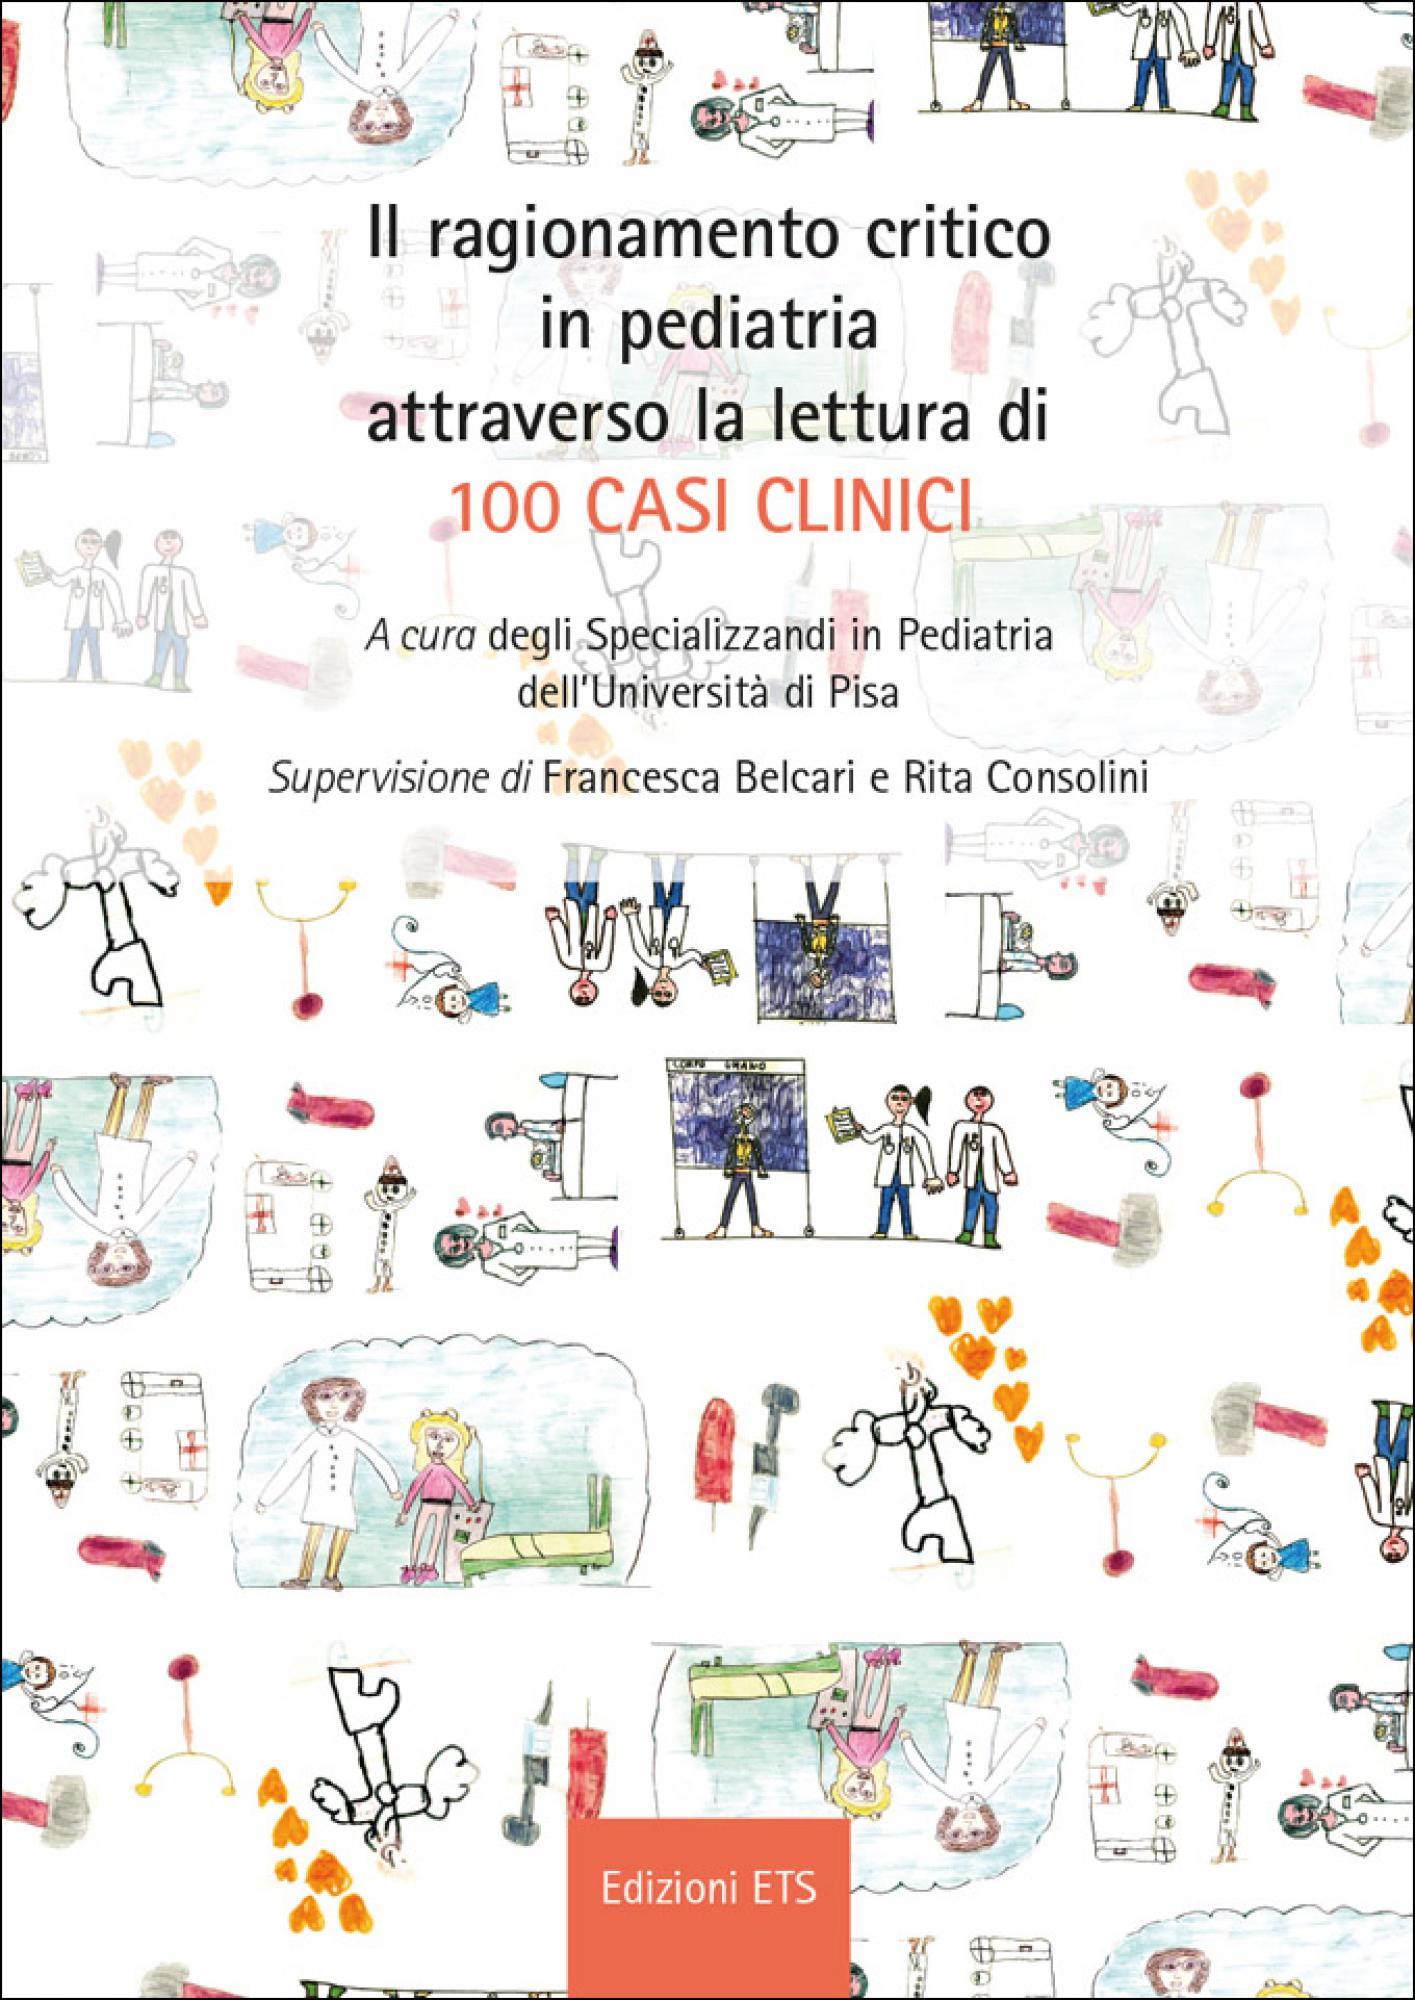 Il ragionamento critico in pediatria attraverso la lettura di 100 casi clinici